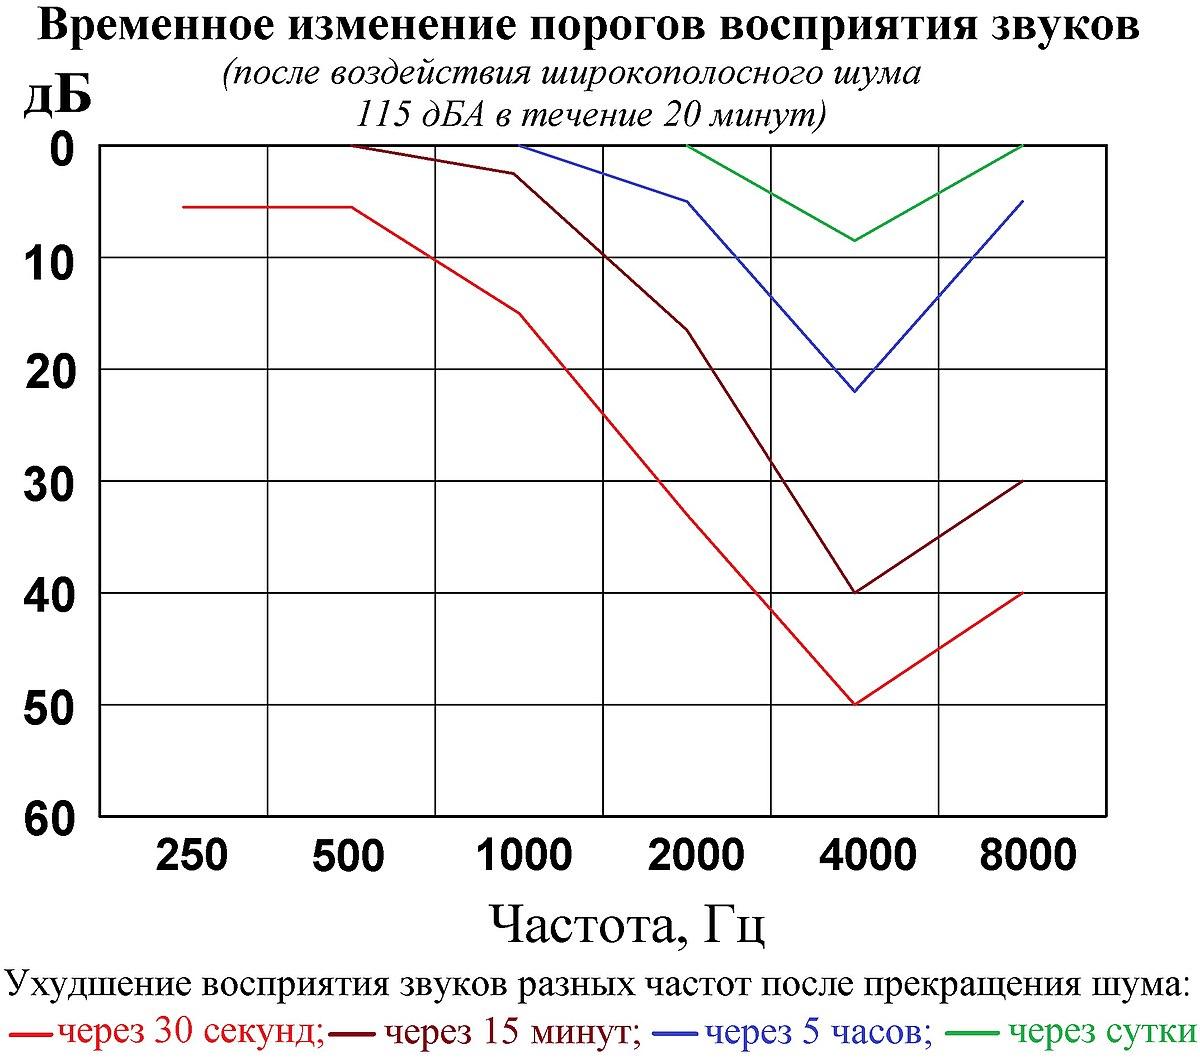 Уровень шума в квартире норма по закону: допустимый уровень шума в квартире, сколько децибел разрешено в квартире днем